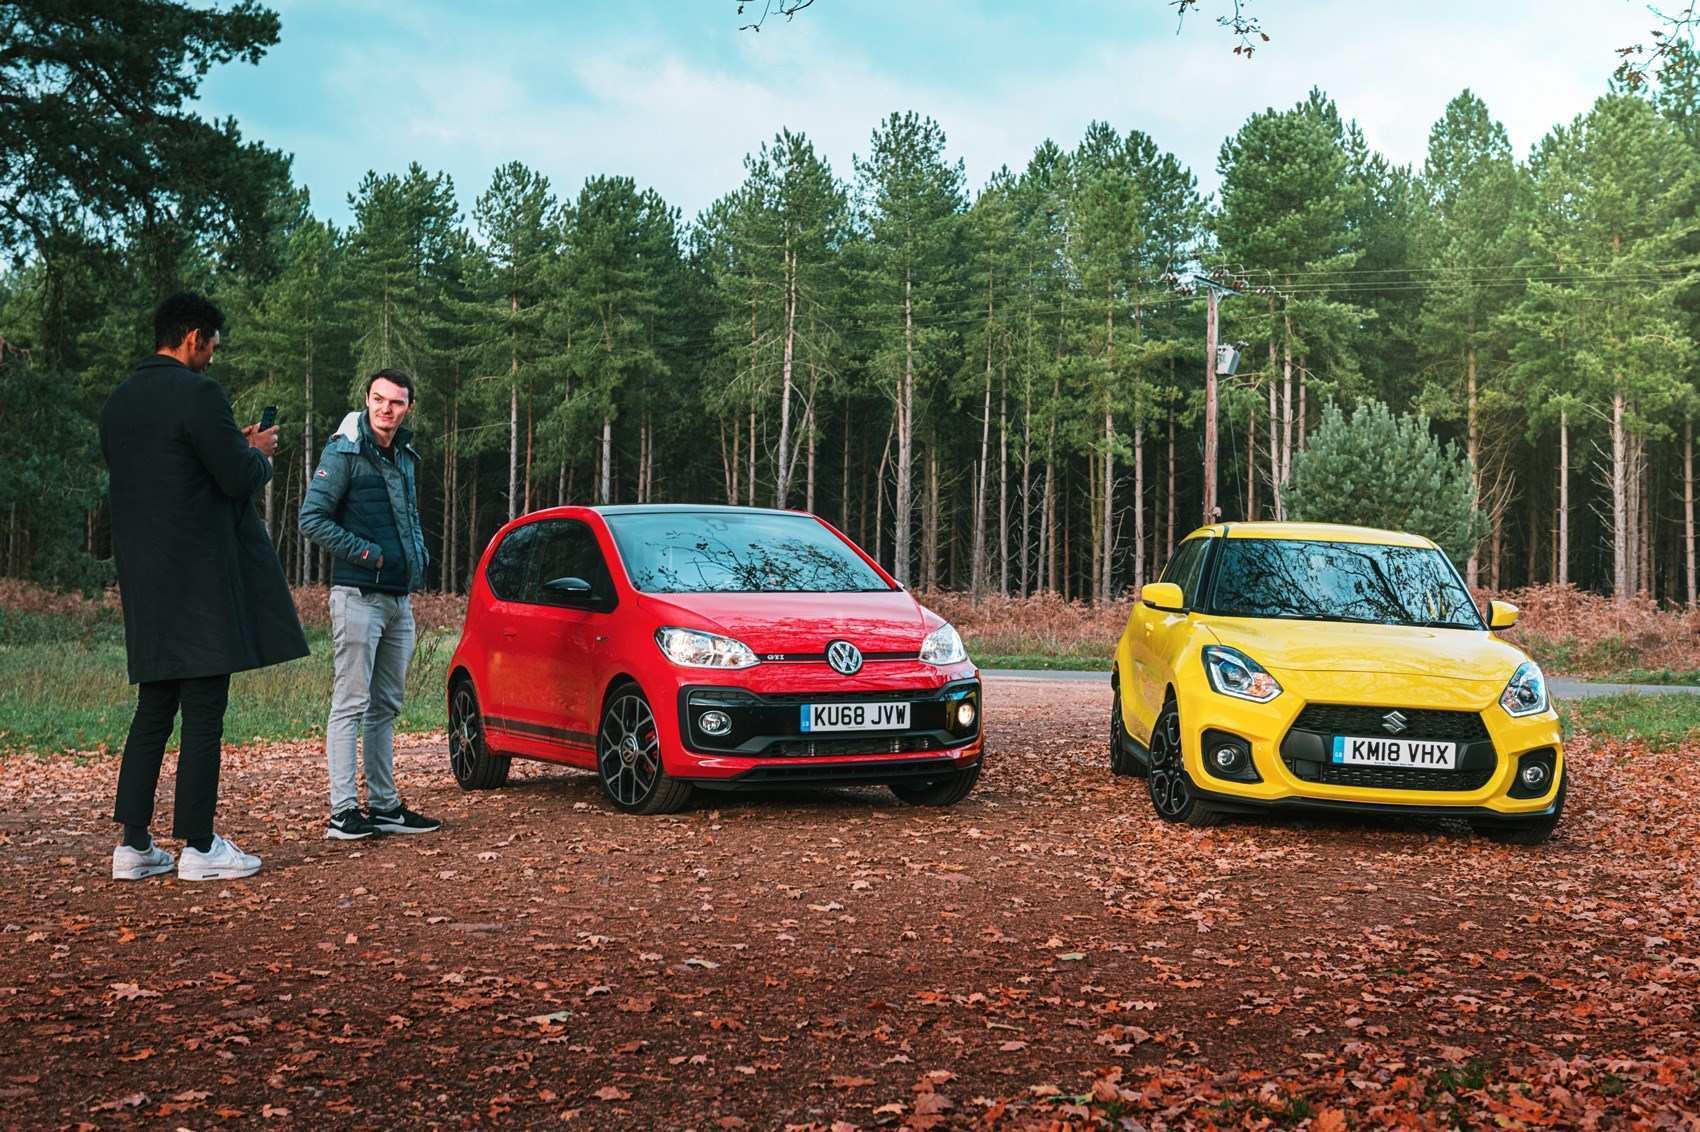 90 Gallery of Best Volkswagen Up Pepper 2019 Redesign Price And Review New Review by Best Volkswagen Up Pepper 2019 Redesign Price And Review